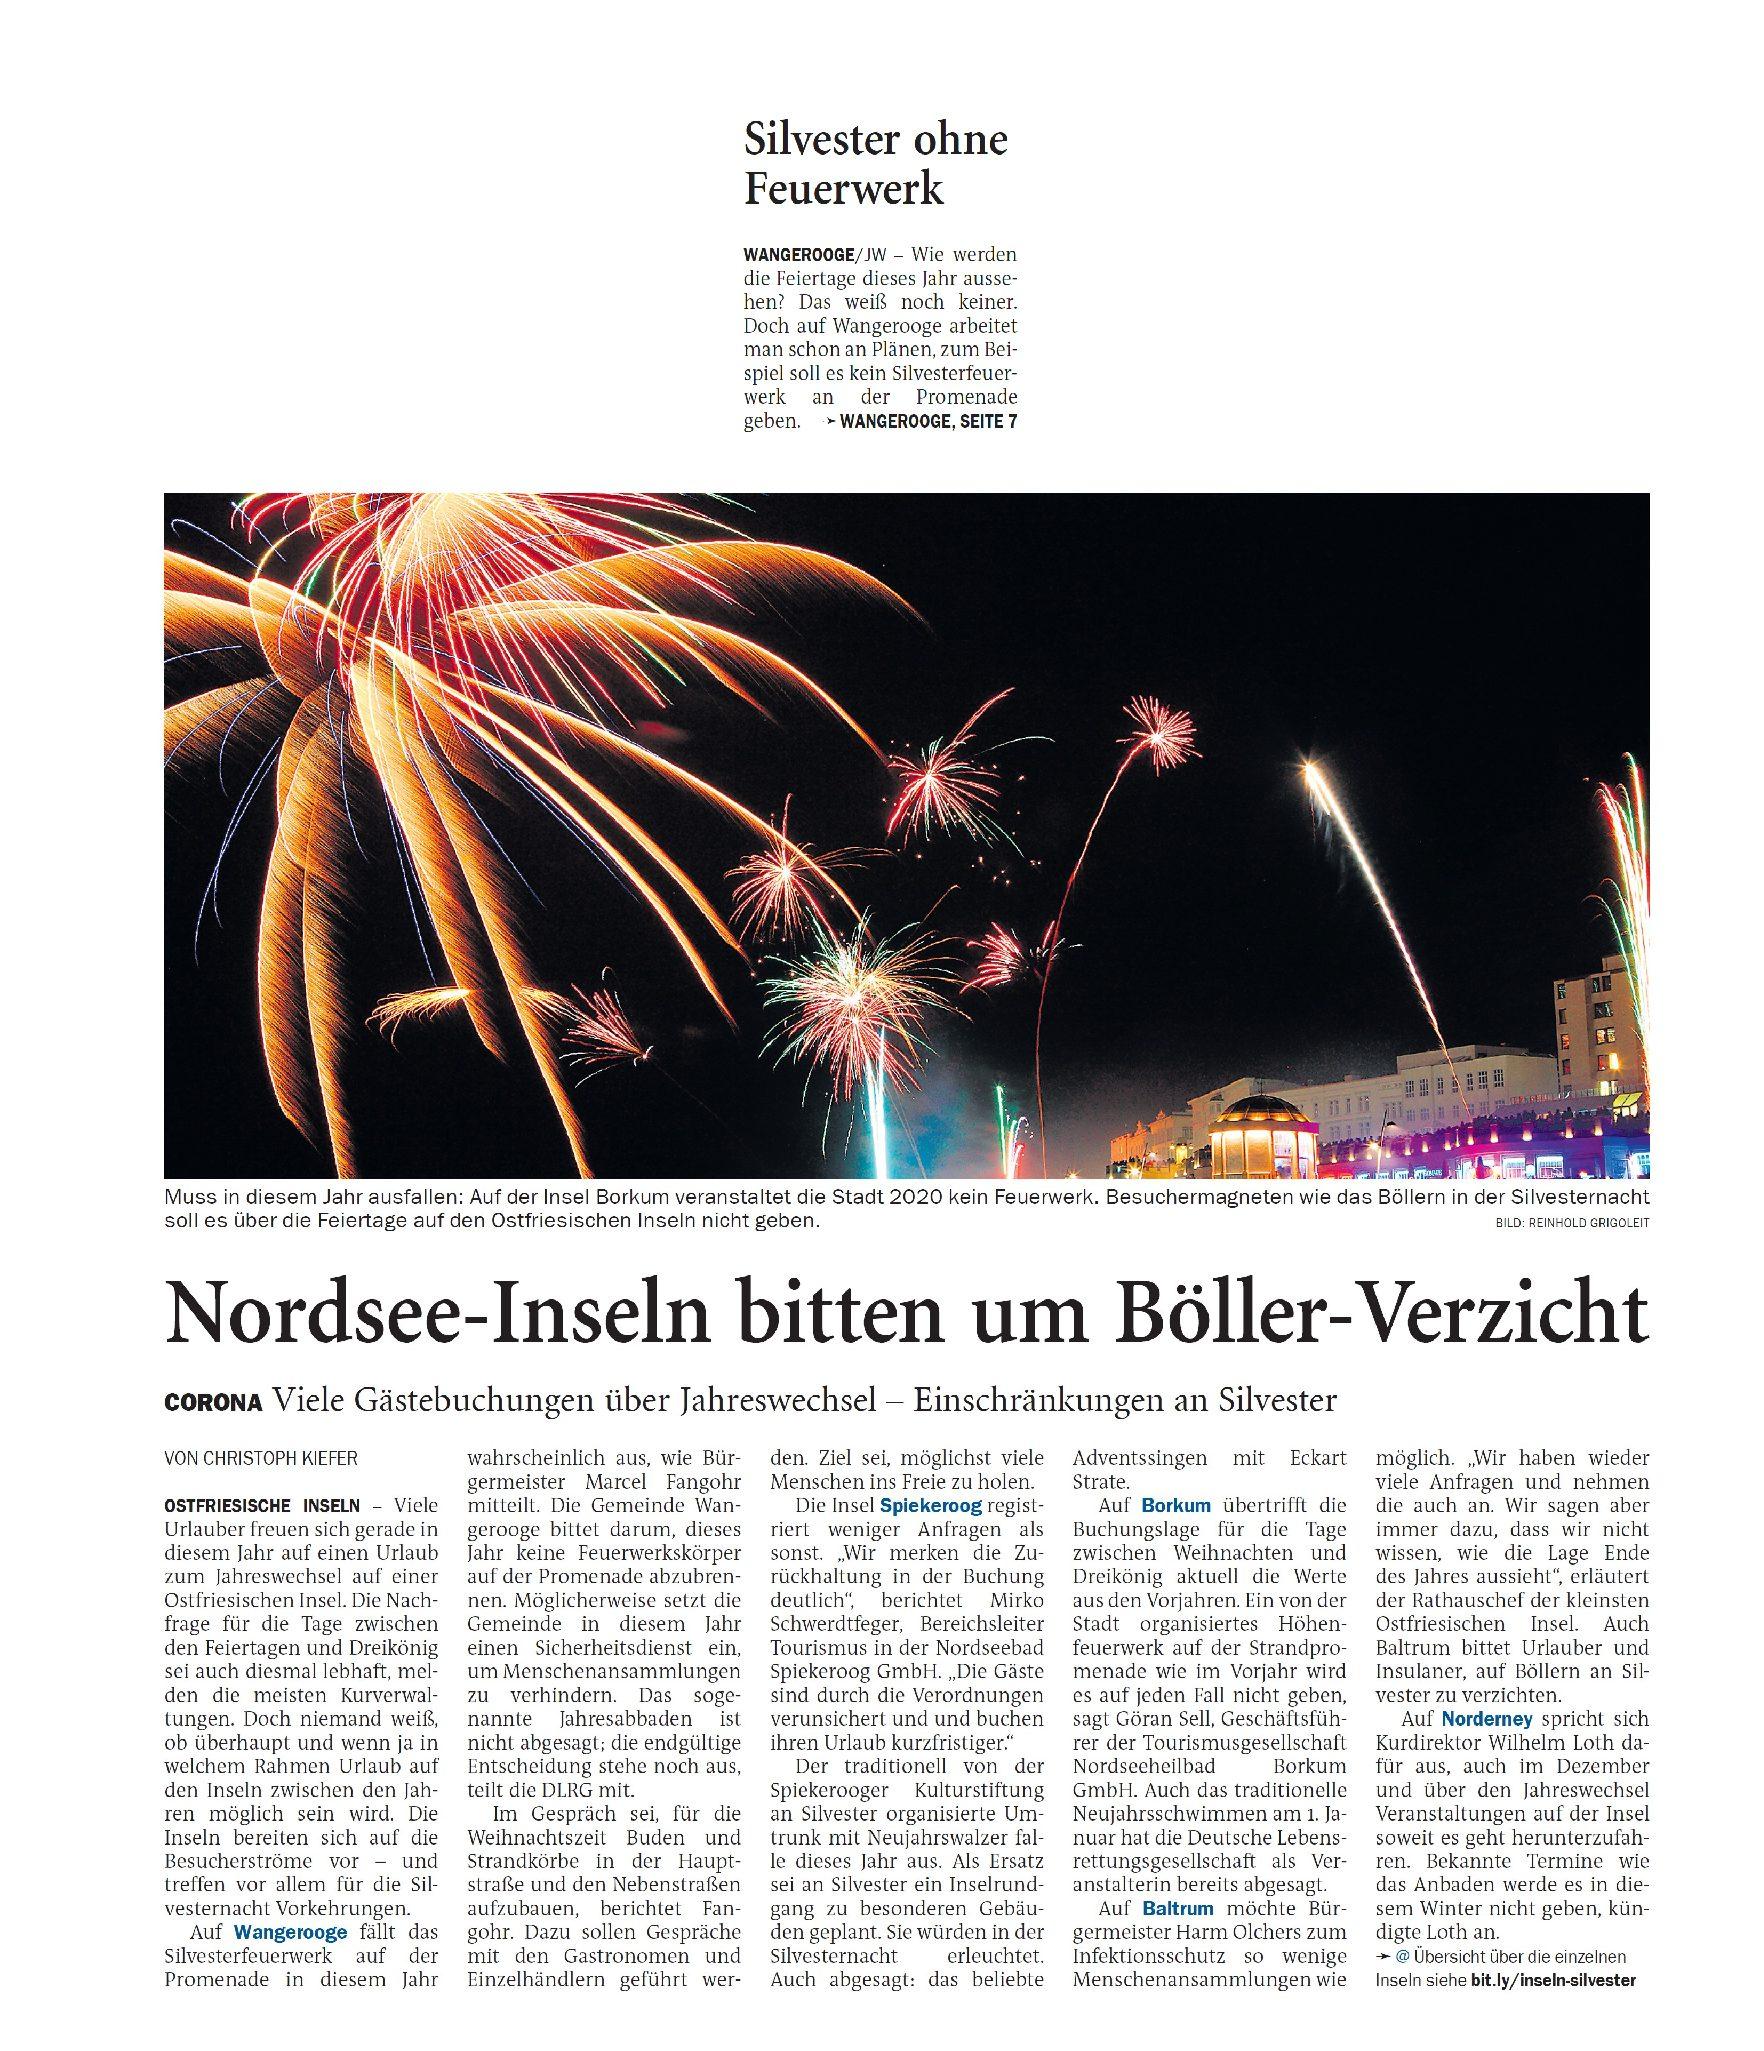 Jeversches Wochenblatt 17.11.2020 II